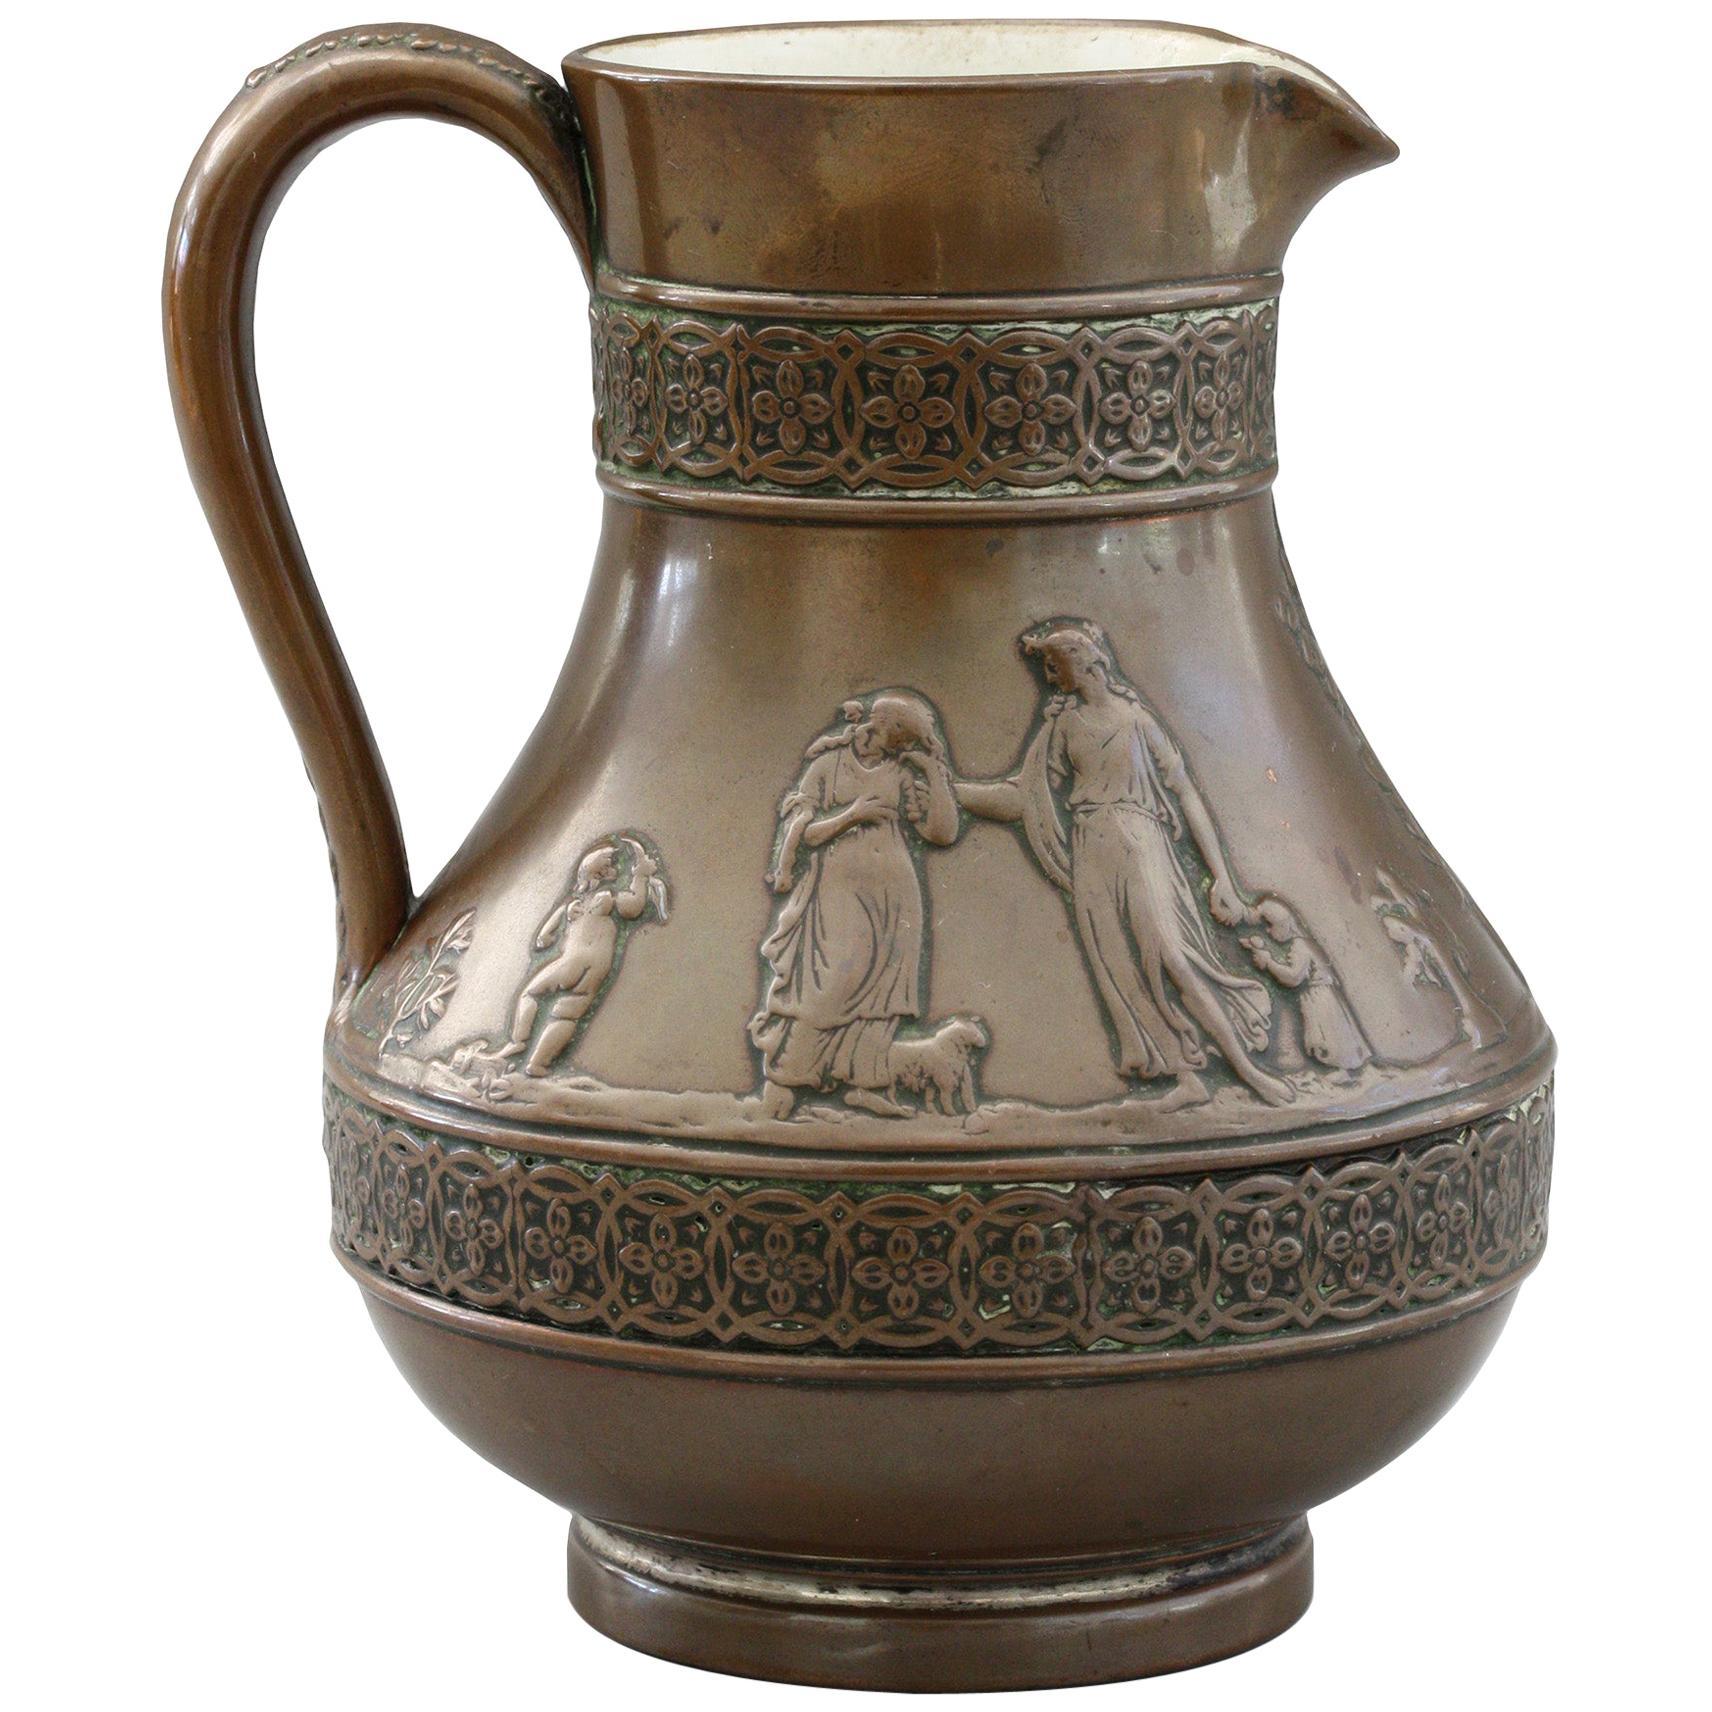 Wedgood Rare Copper Dipped Jasperware Jug with Classical Figures